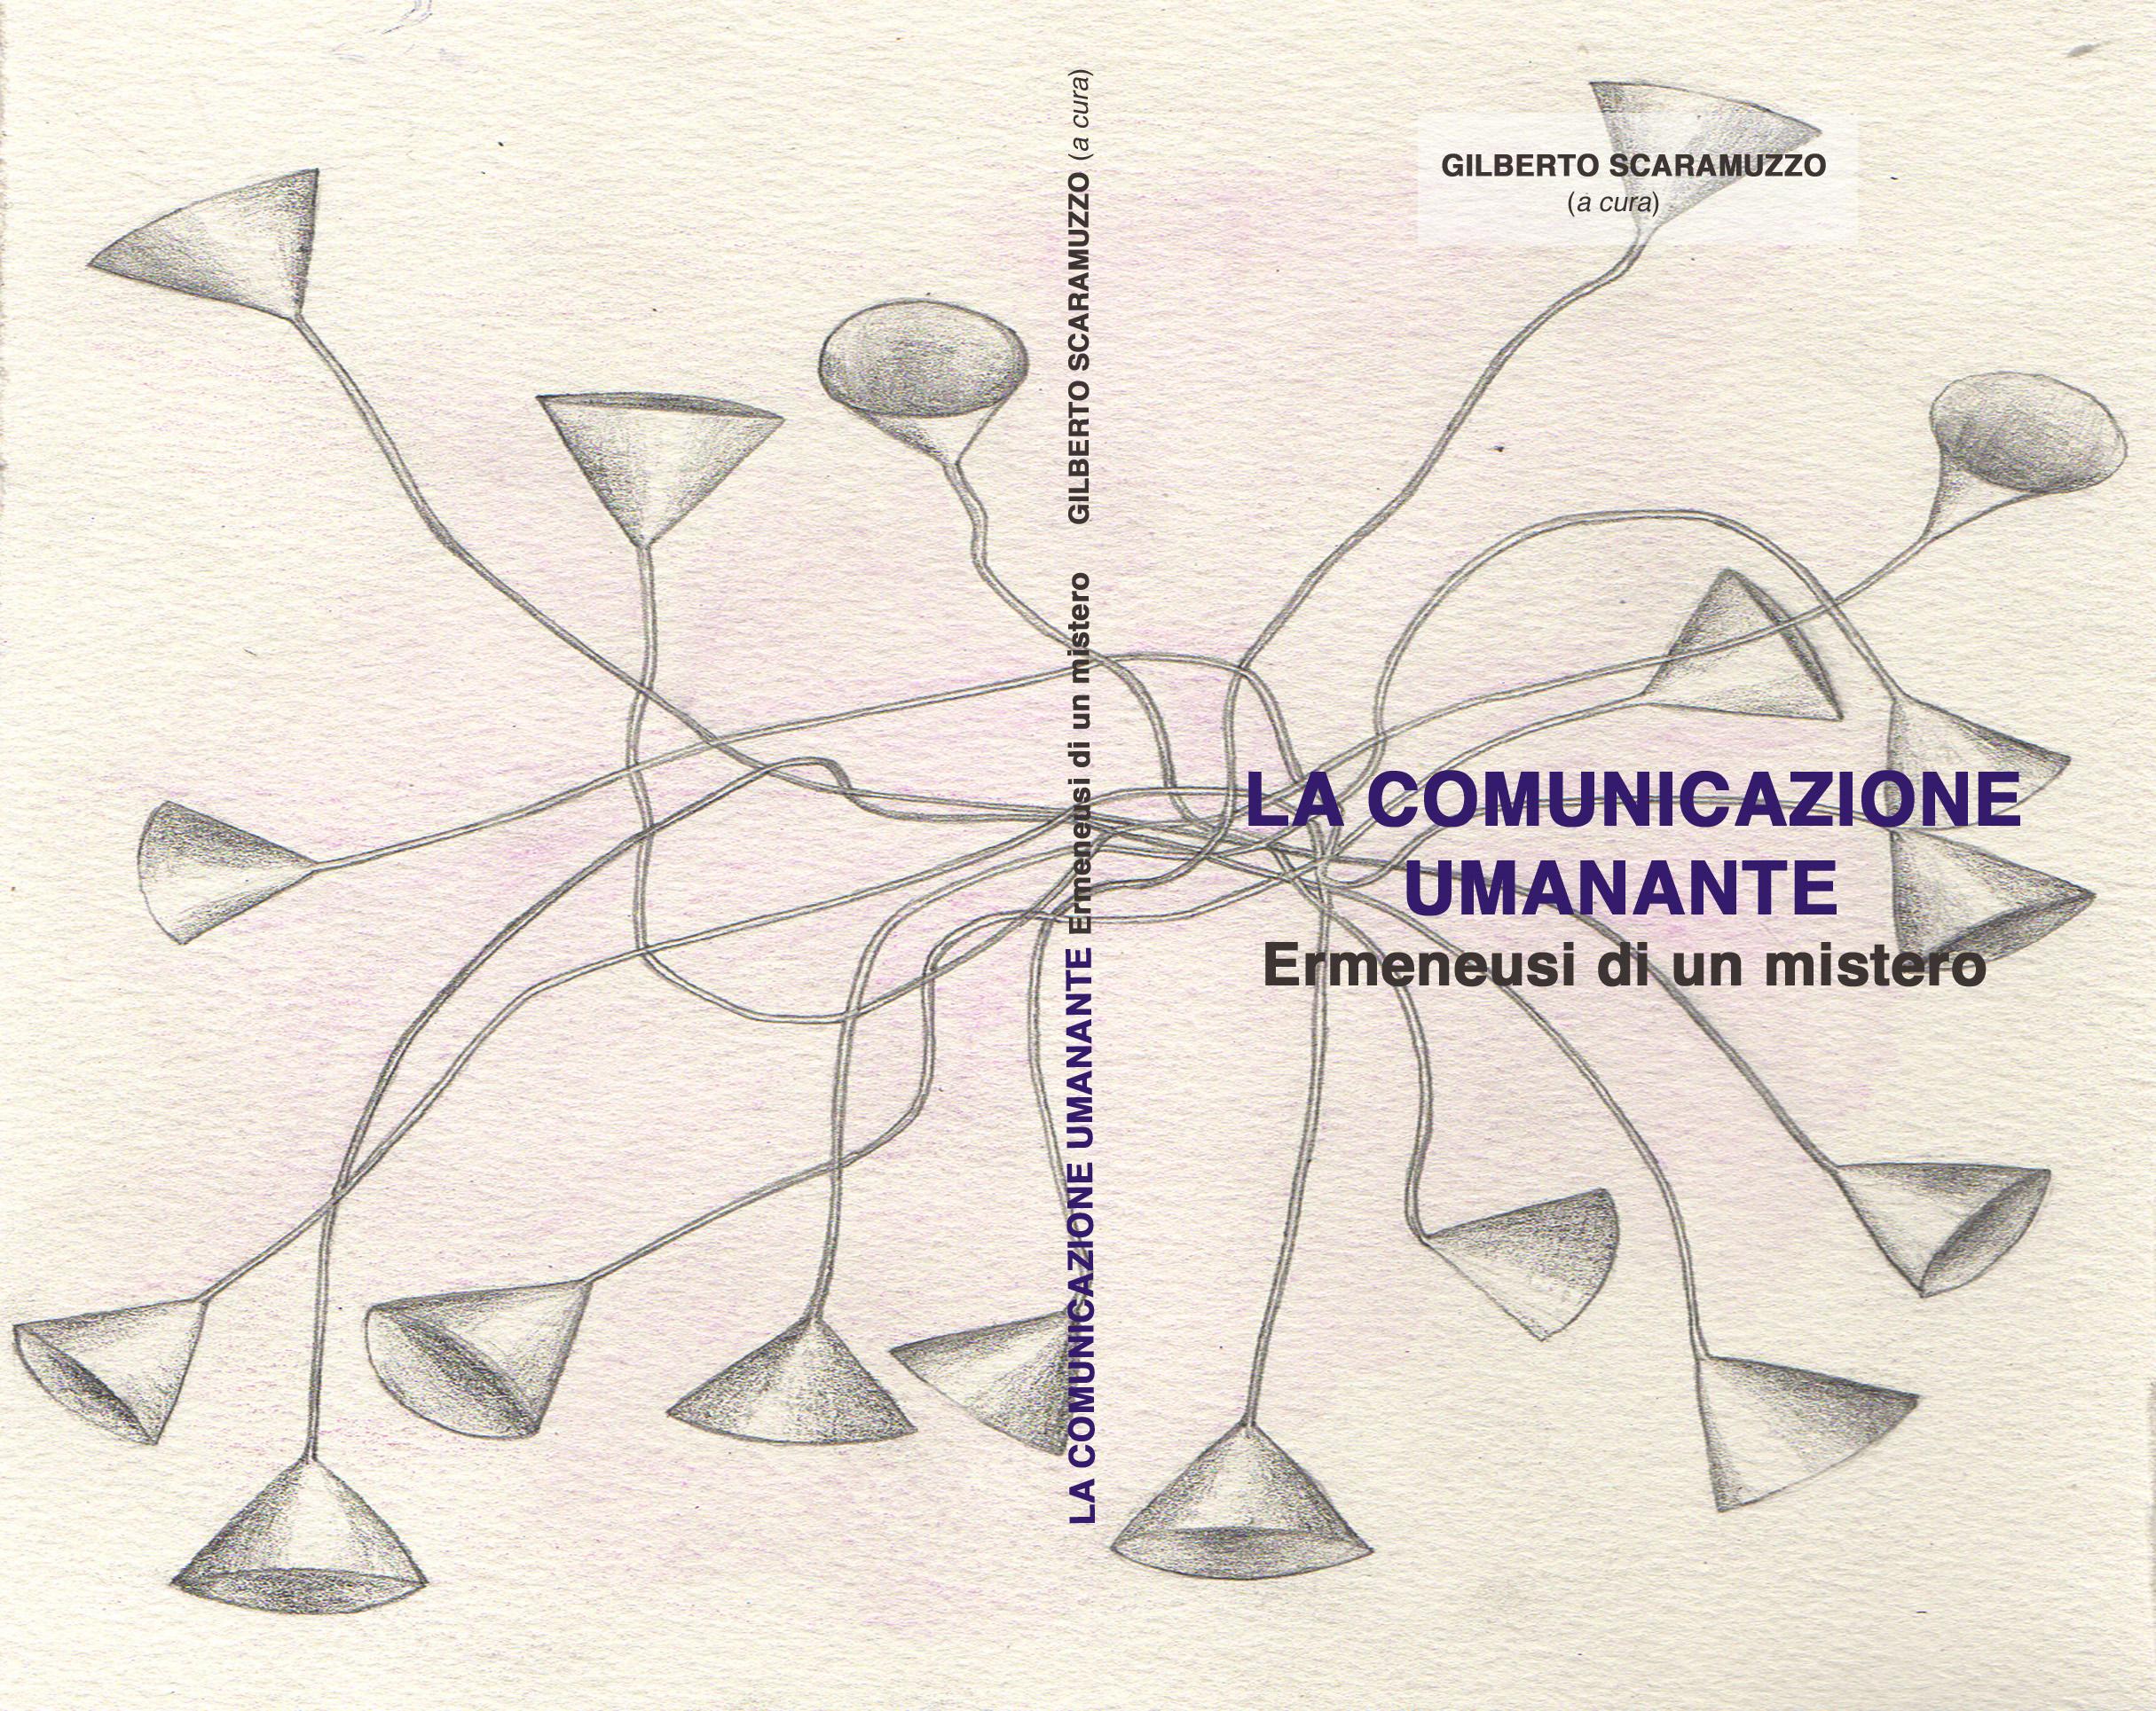 La comunicazione umanante